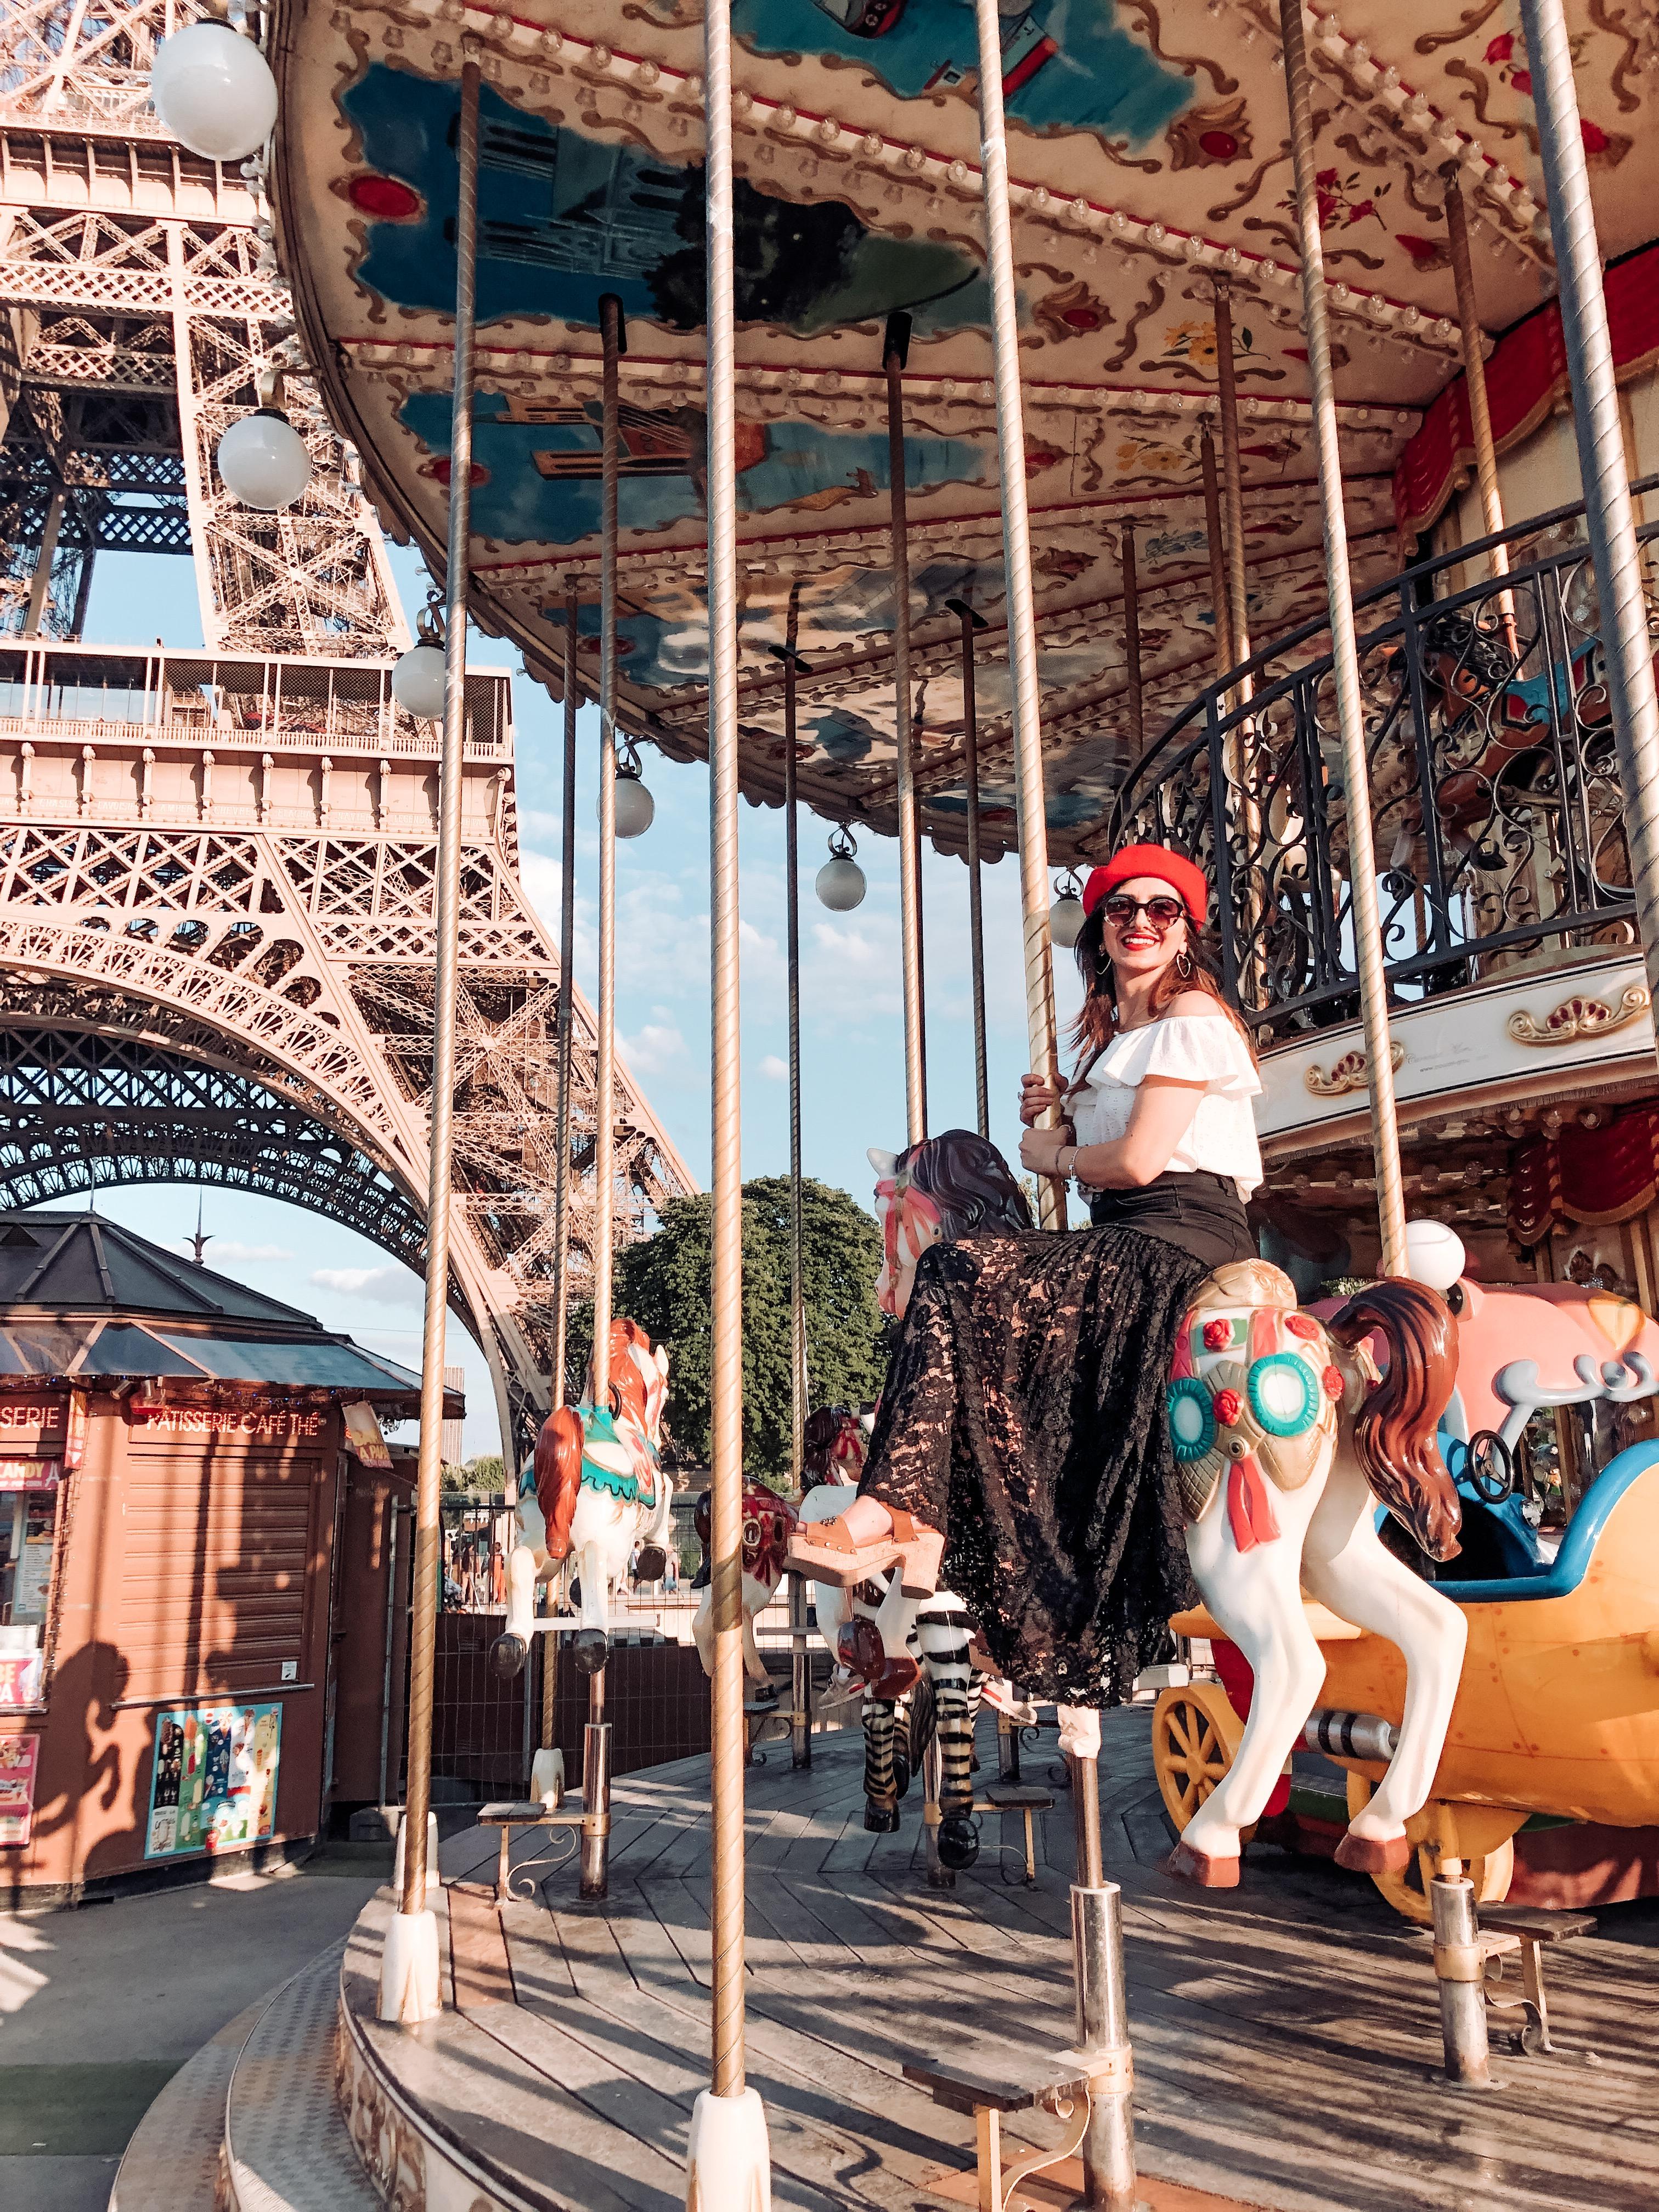 Paris, Parigi, carrousel, Tour Eiffel, Eiffel Tower, Impastastorie, Impastastorie Bistrot